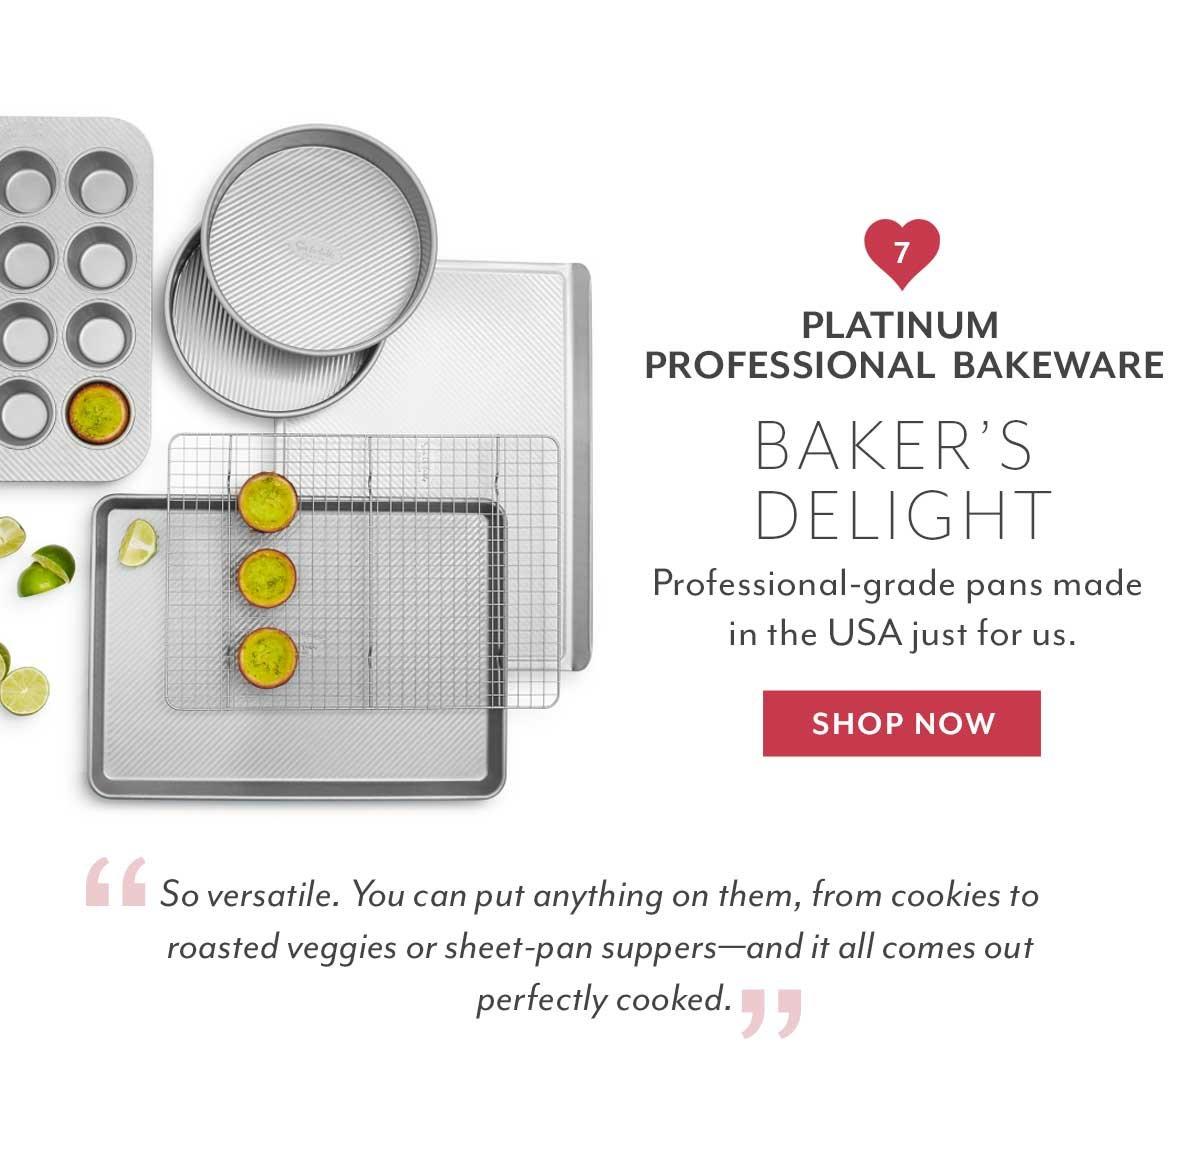 Platinum Professional Bakeware